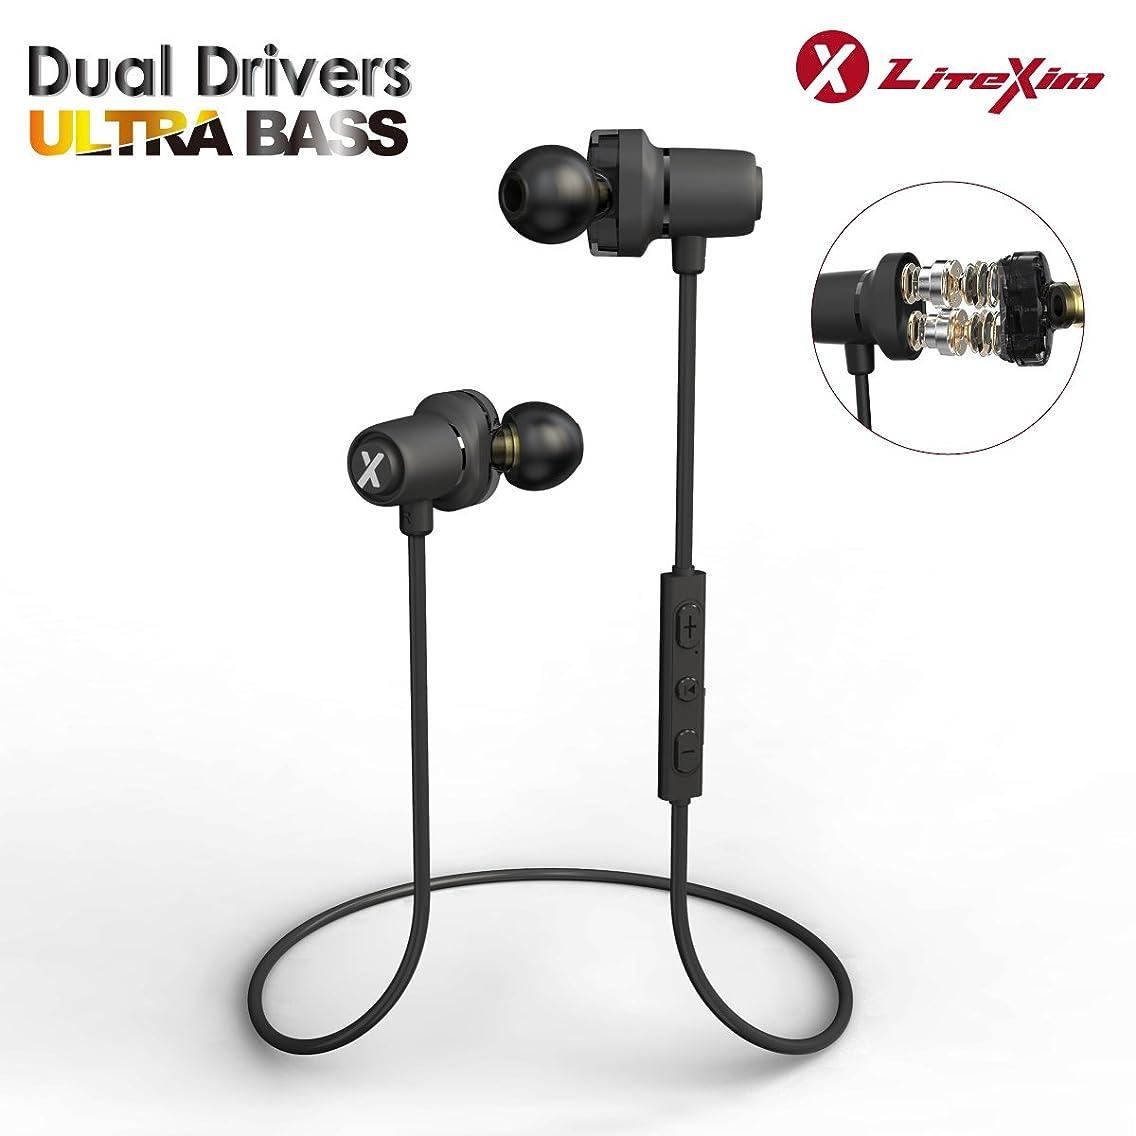 LiteXim Bluetooth Headphones, Dual Drivers Bluetooth 4.2 Magnetic Earbuds Workout Sweatproof Headphones HD Stereo in Ear Earphones (IPX5 Waterproof, Built in Mic, 7Hours Playtime)